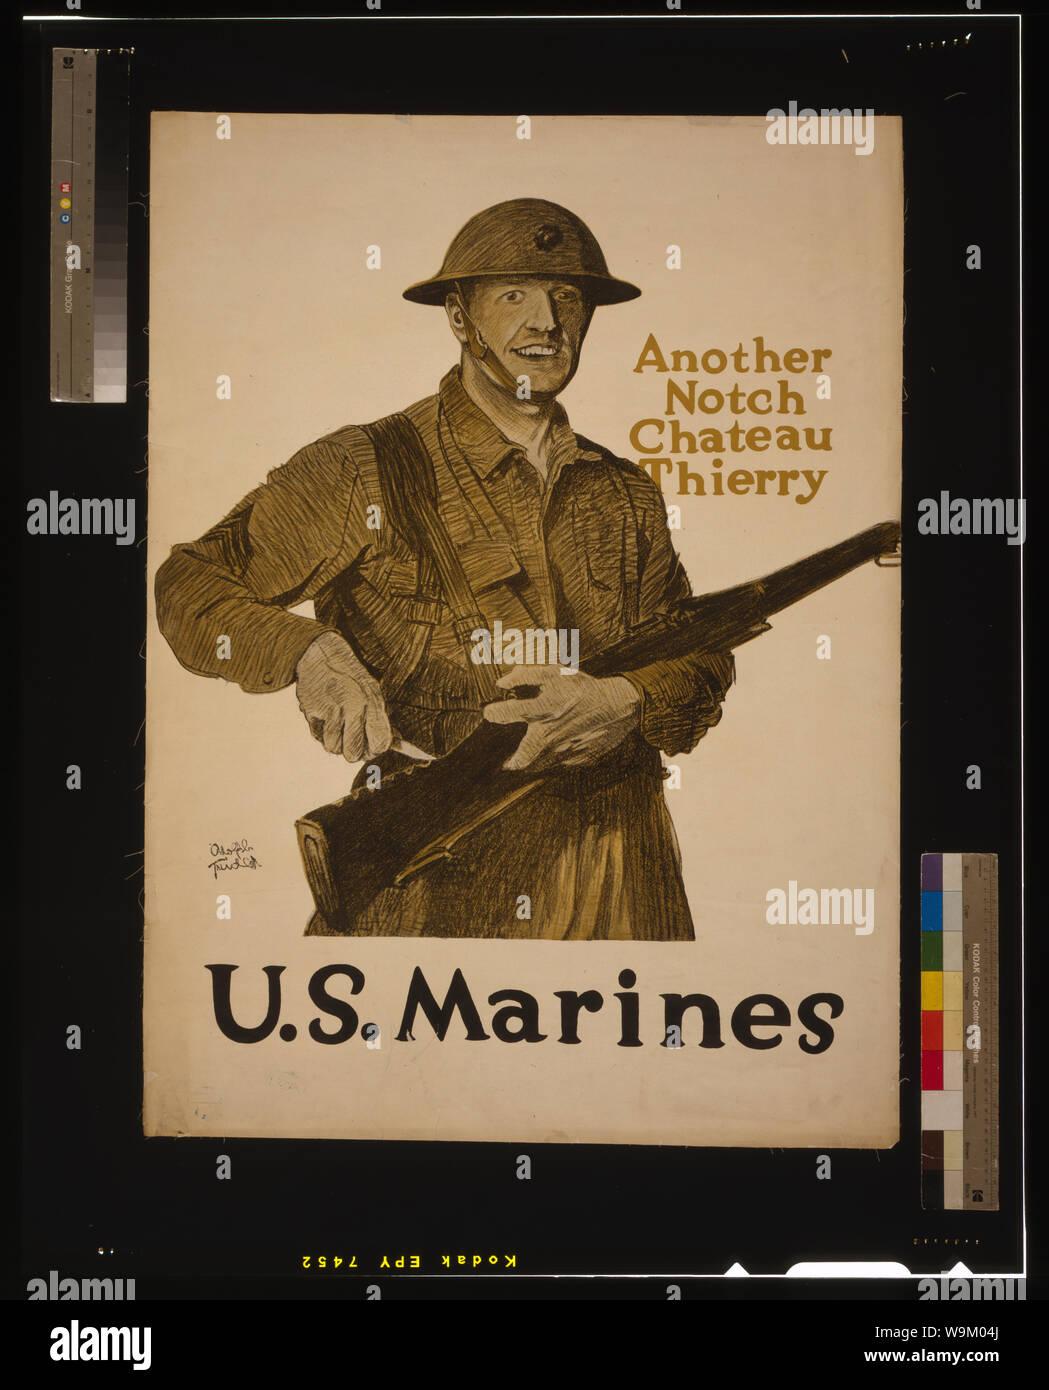 Anot son encoche, Chateau Thierry - US Marines Résumé: Affiche montrant une sculpture Marine une encoche dans le stock de son fusil. Banque D'Images